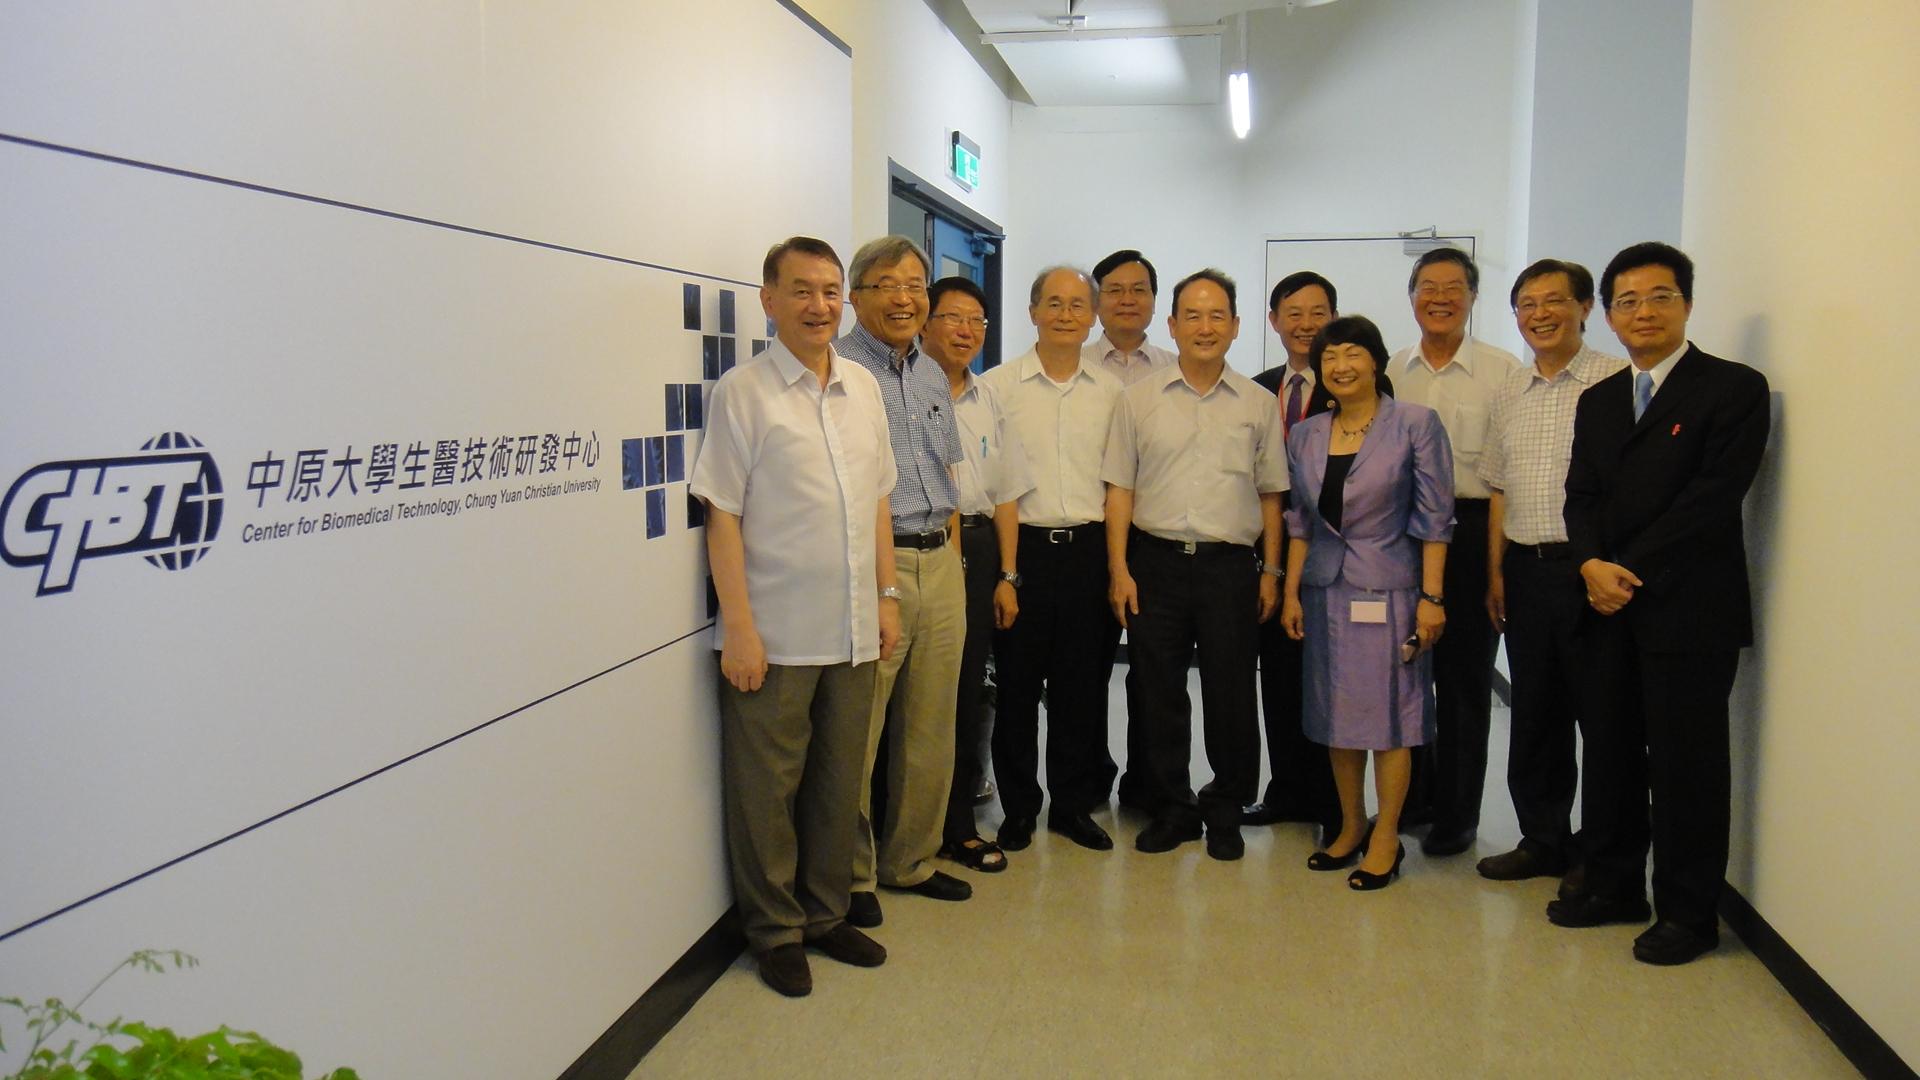 生醫技術研發中心正式成立 致力成為國際級研發中心